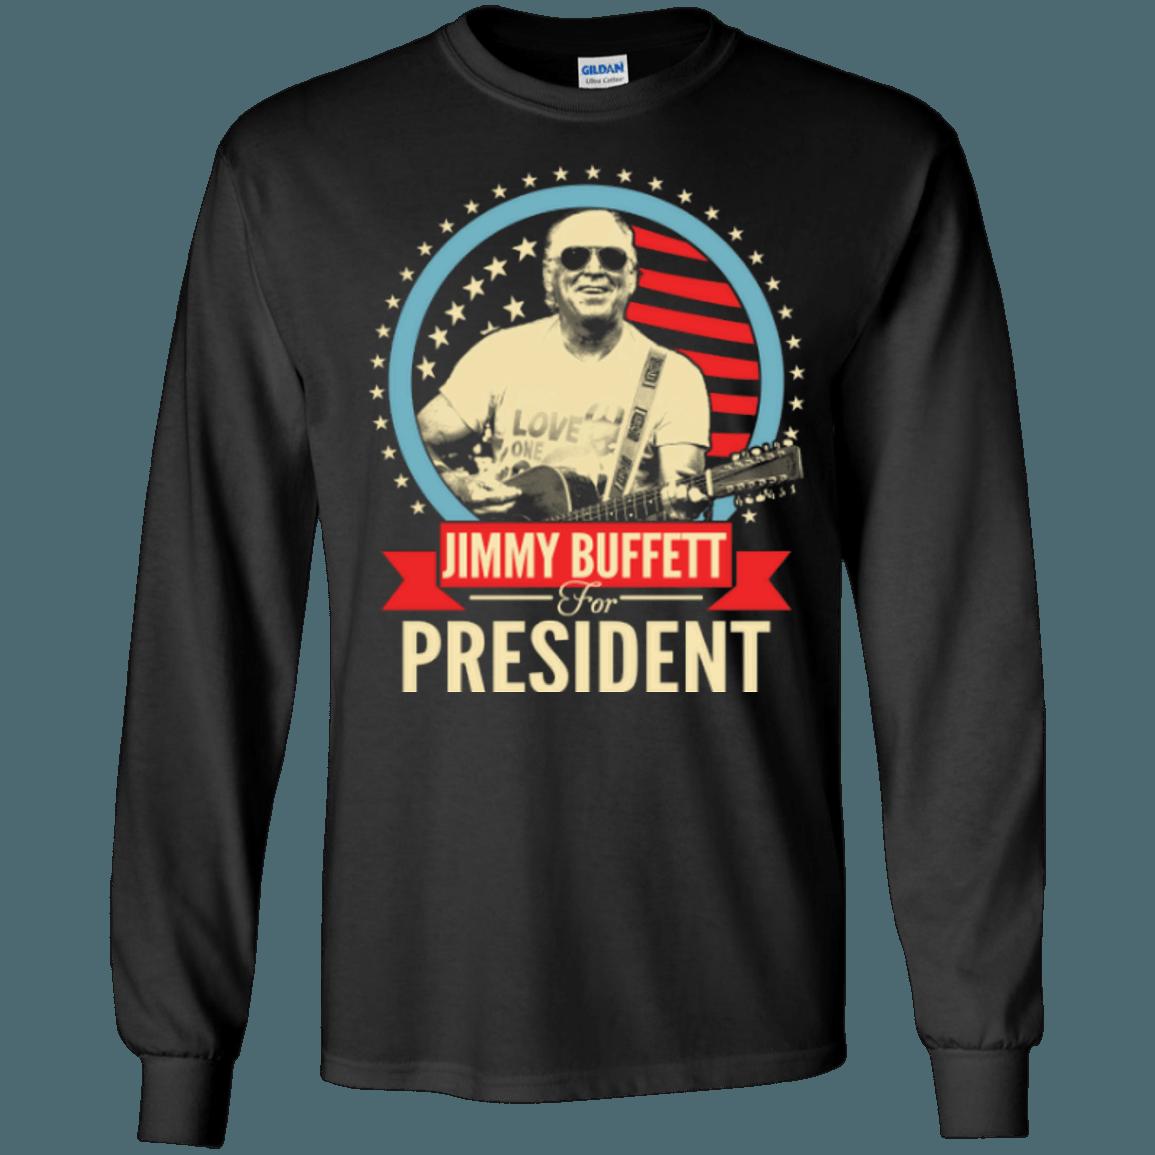 Jimmy Buffett for president 2016 t shirt & hoodies